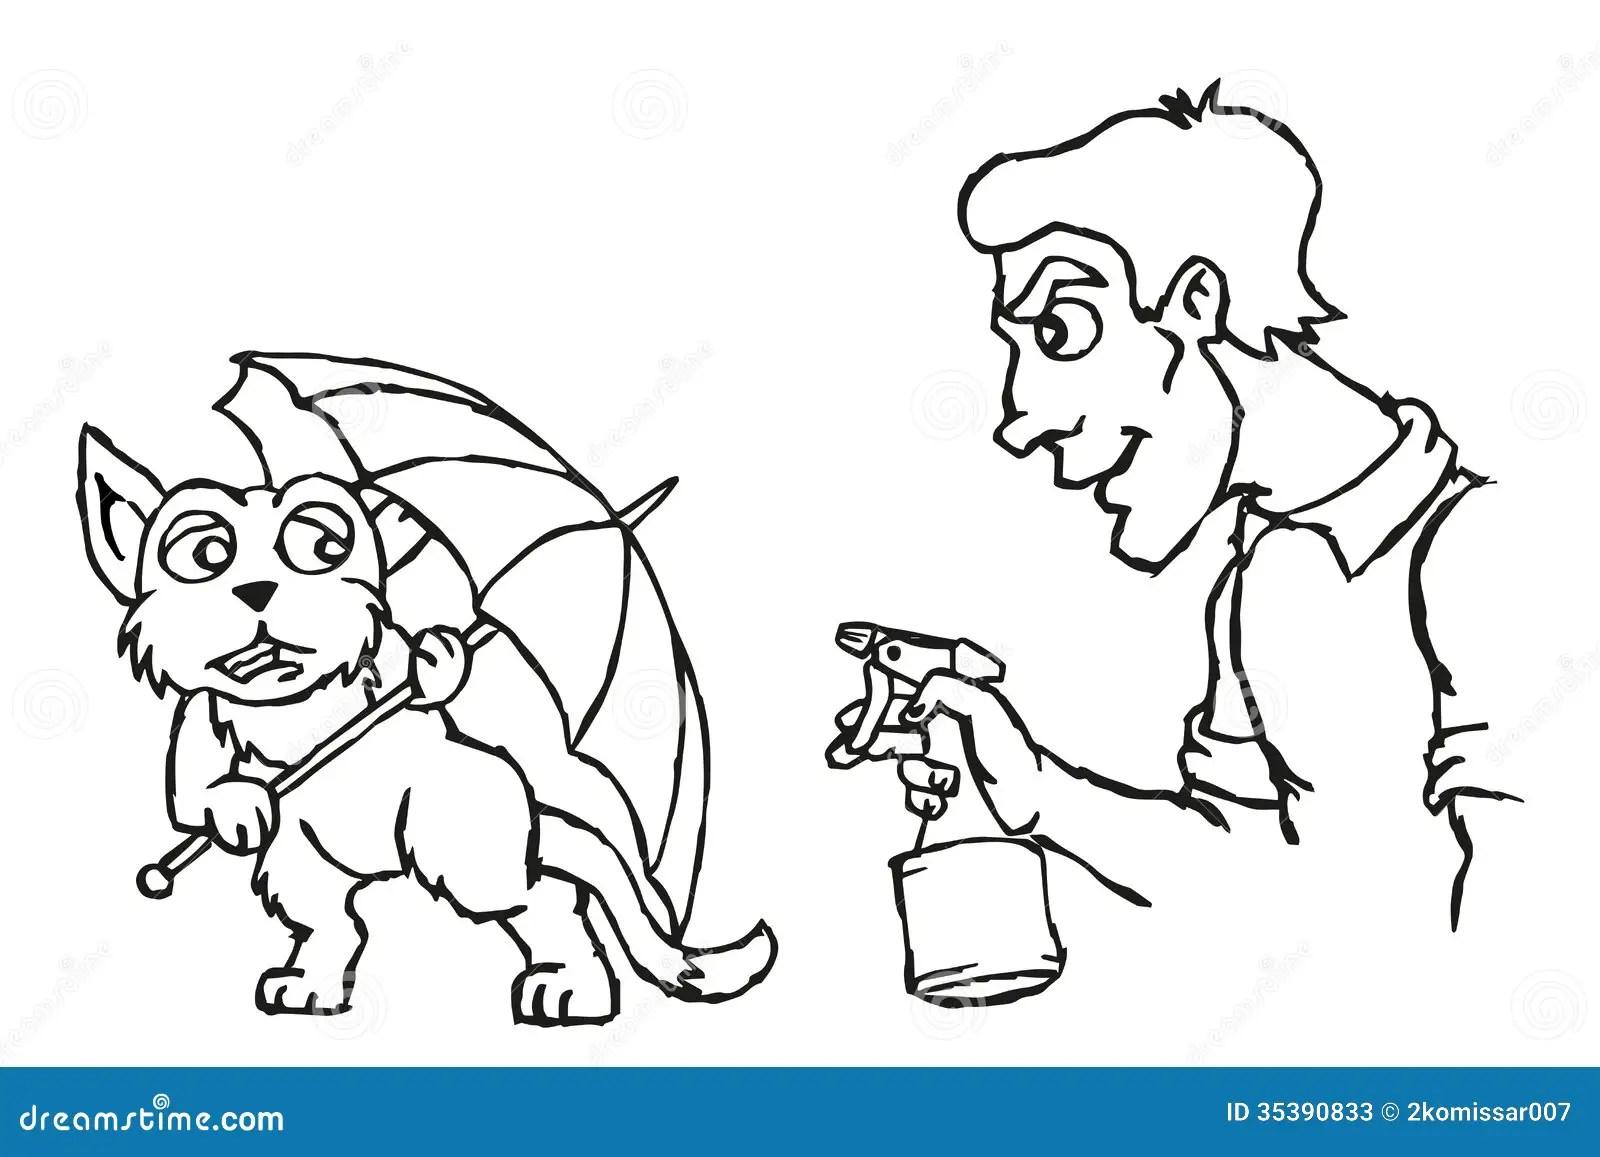 Dog Walking Harness Rottwieler